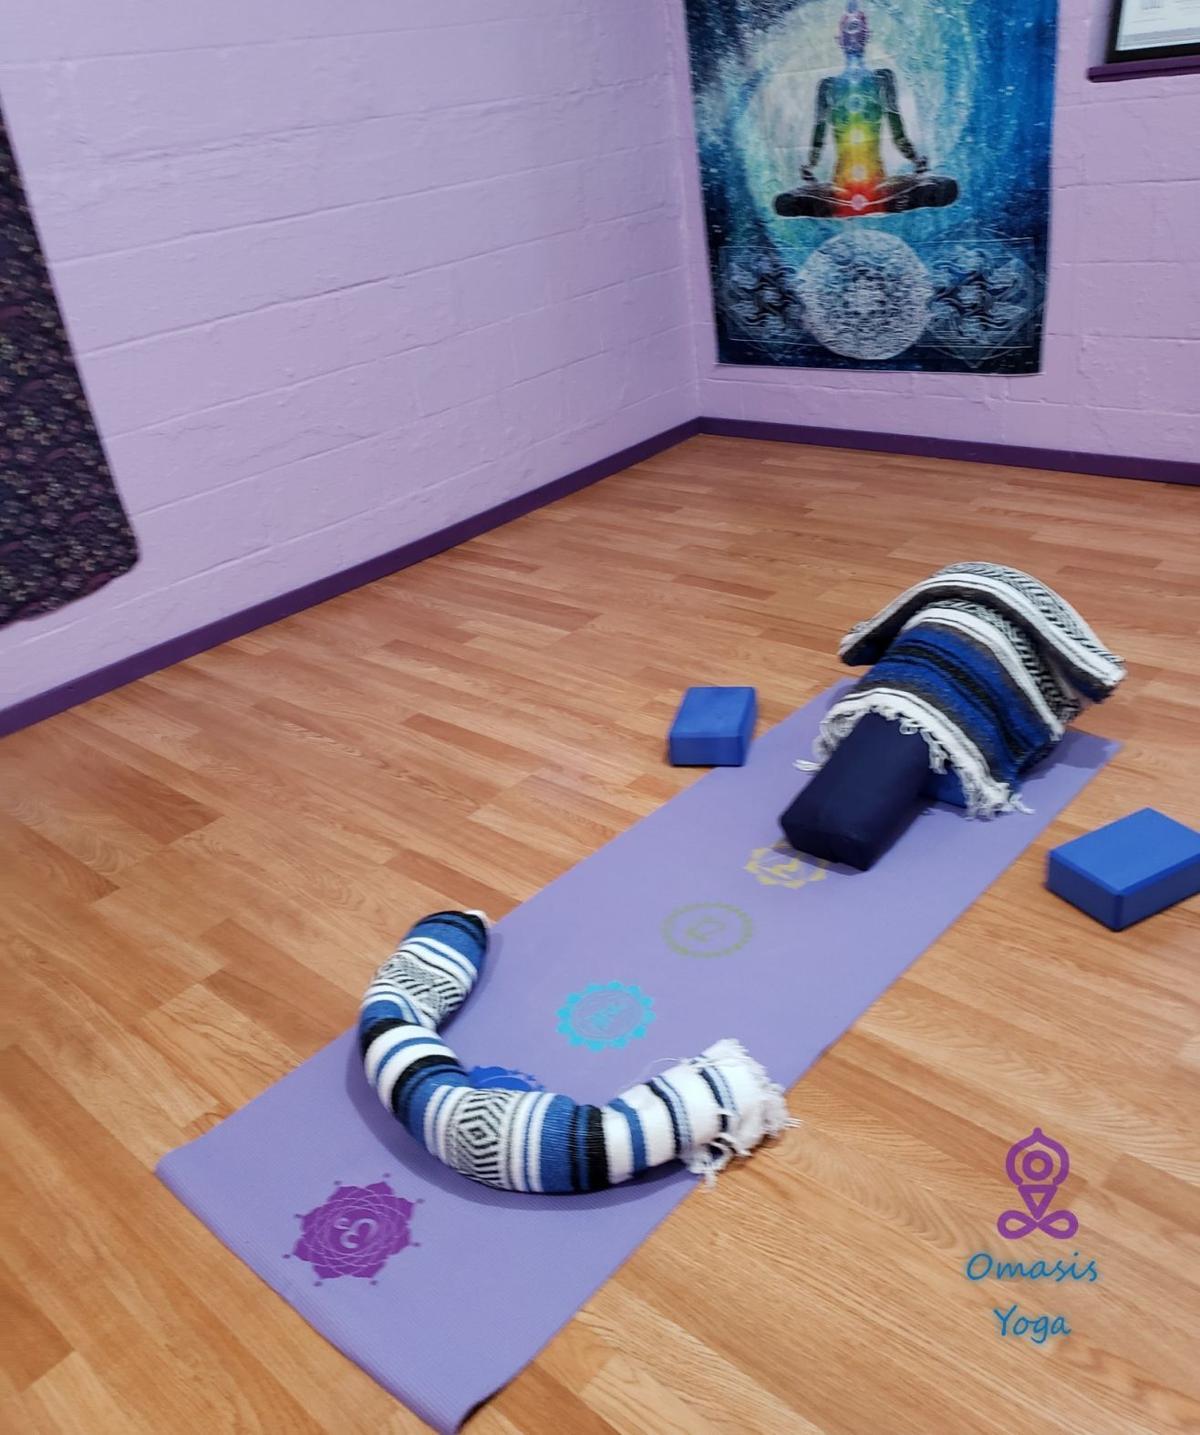 Omasis Yoga